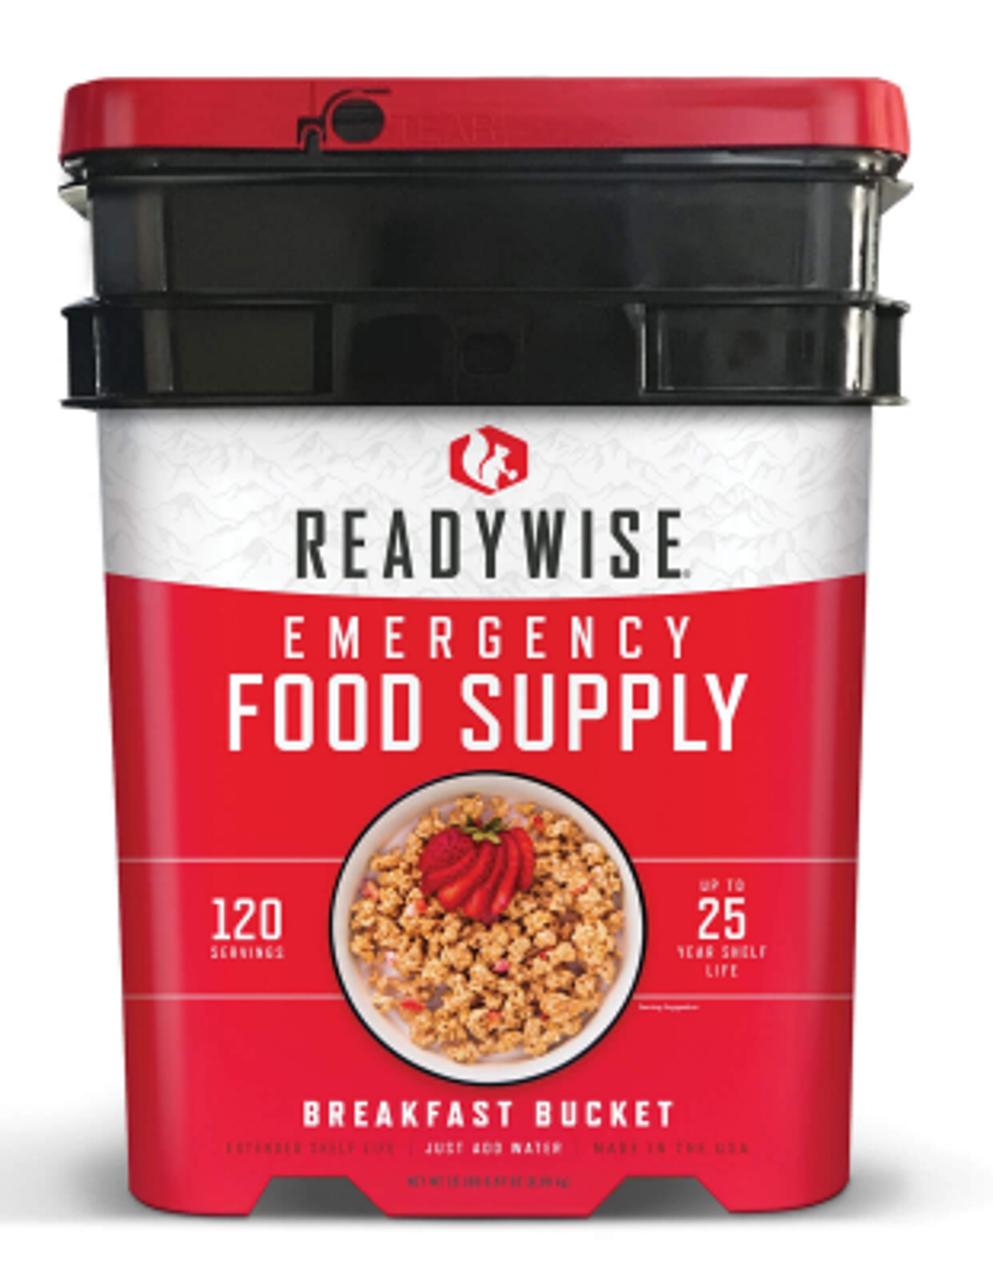 Readywise Emergency Food Supply - 120 Serving Breakfast